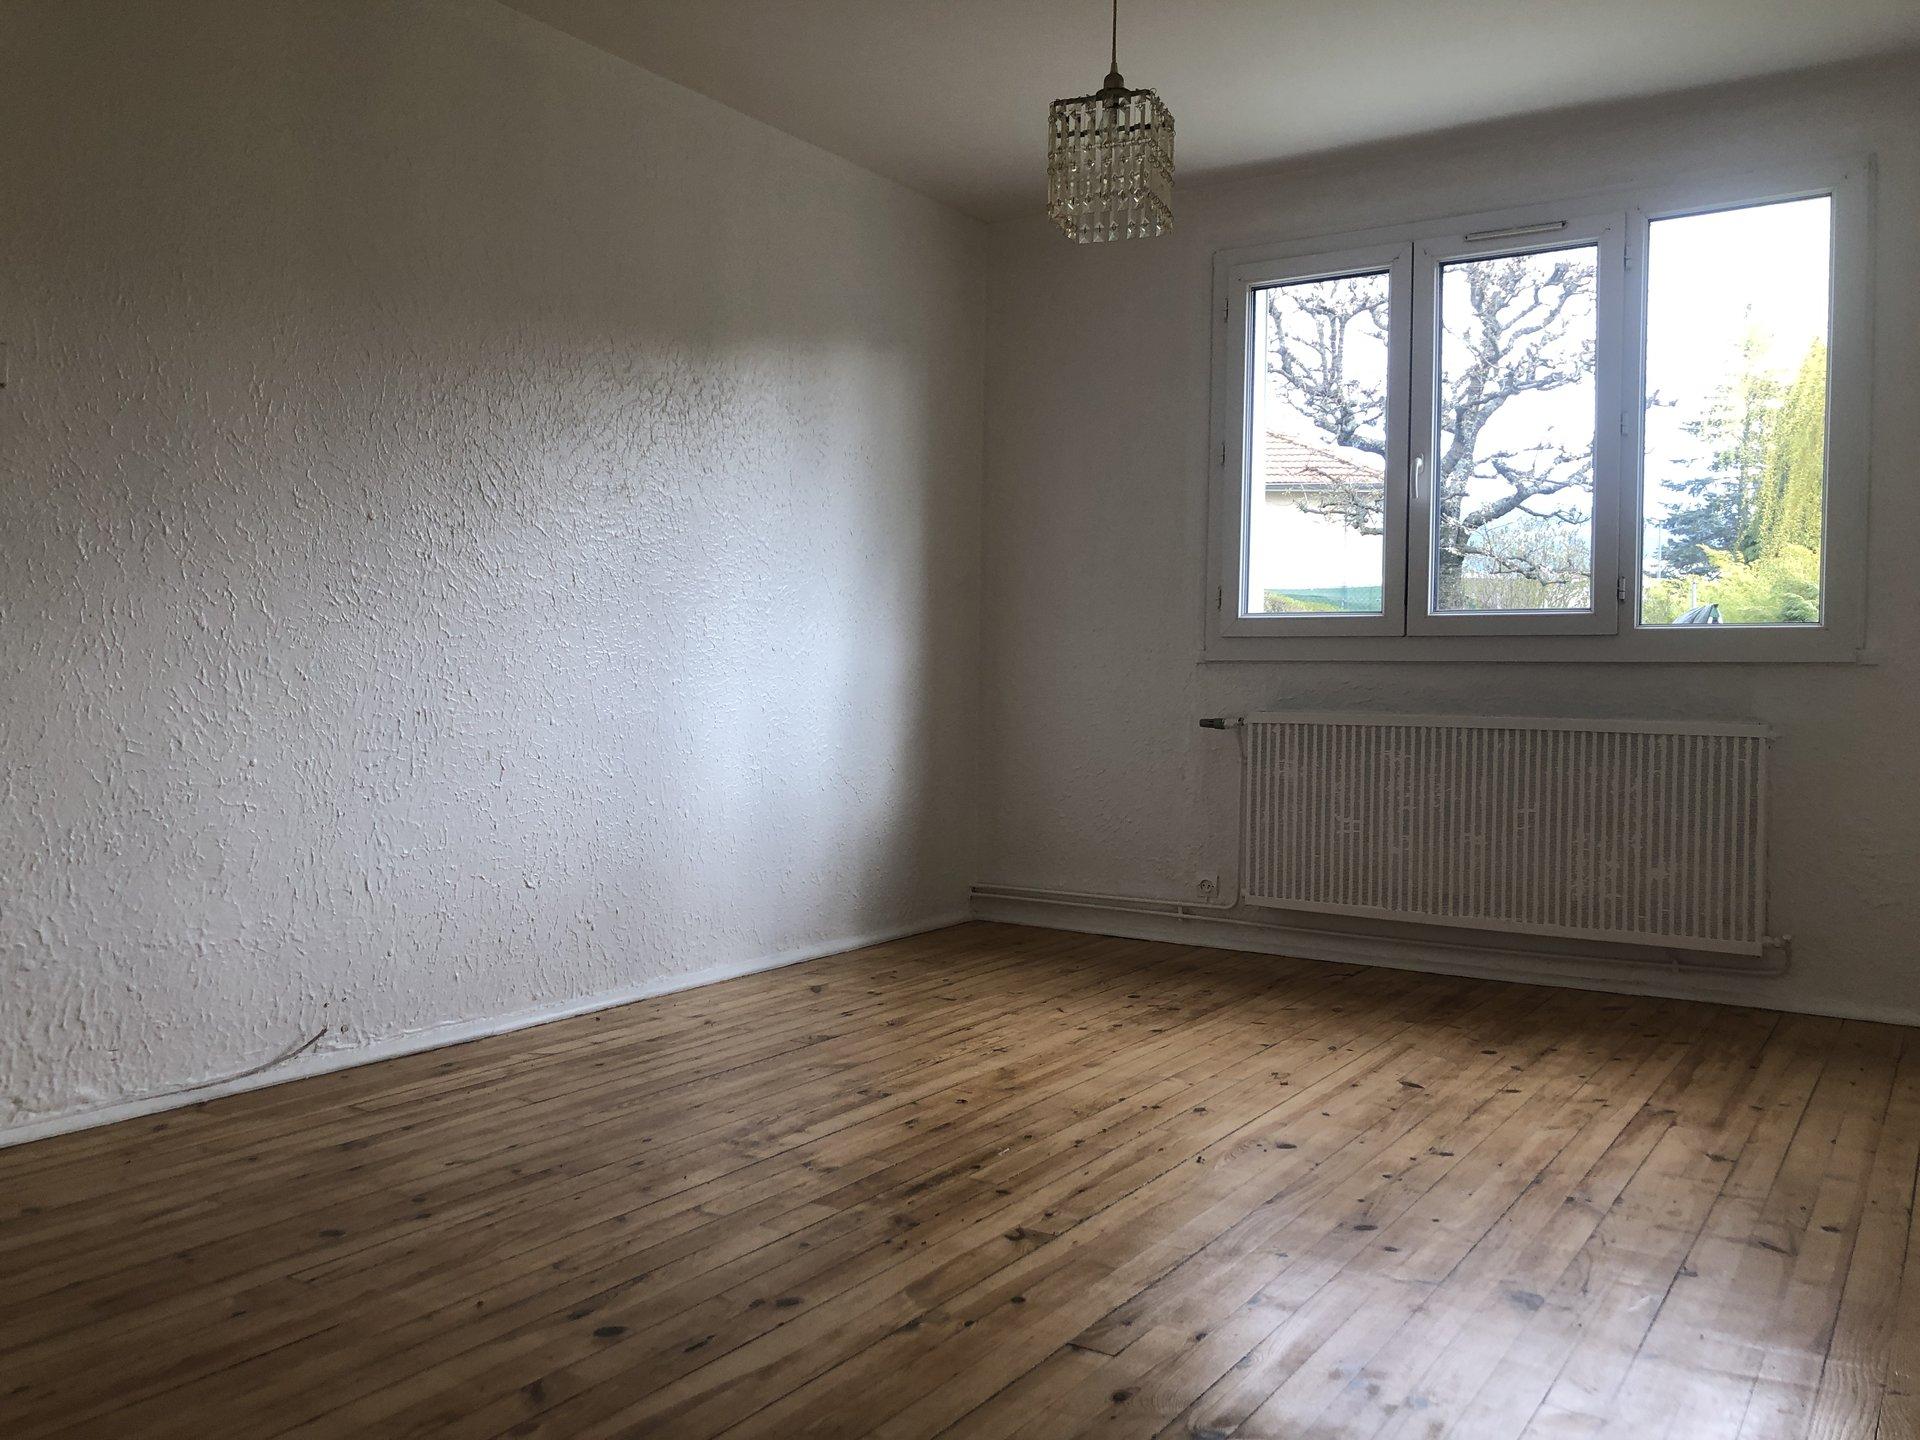 Saint-Etienne Montplaisir - Appartement 3 pièces 53 m² avec chauffage individuel